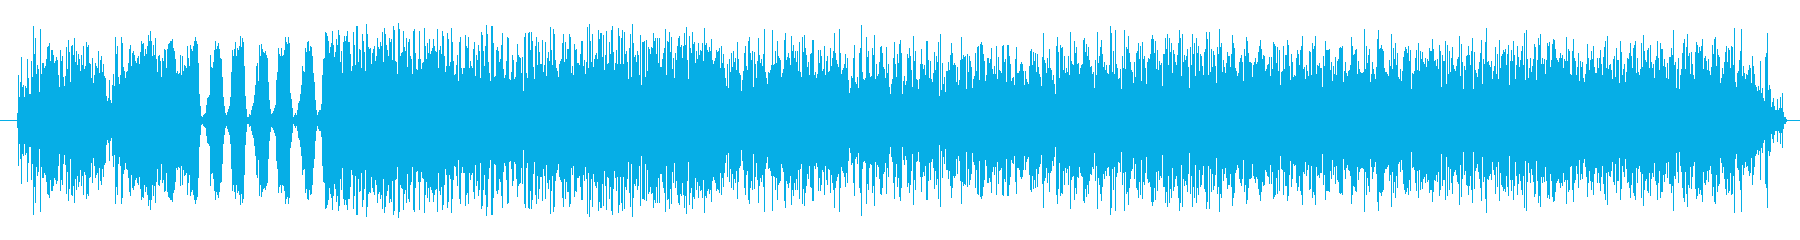 終わりの再生済みの波形